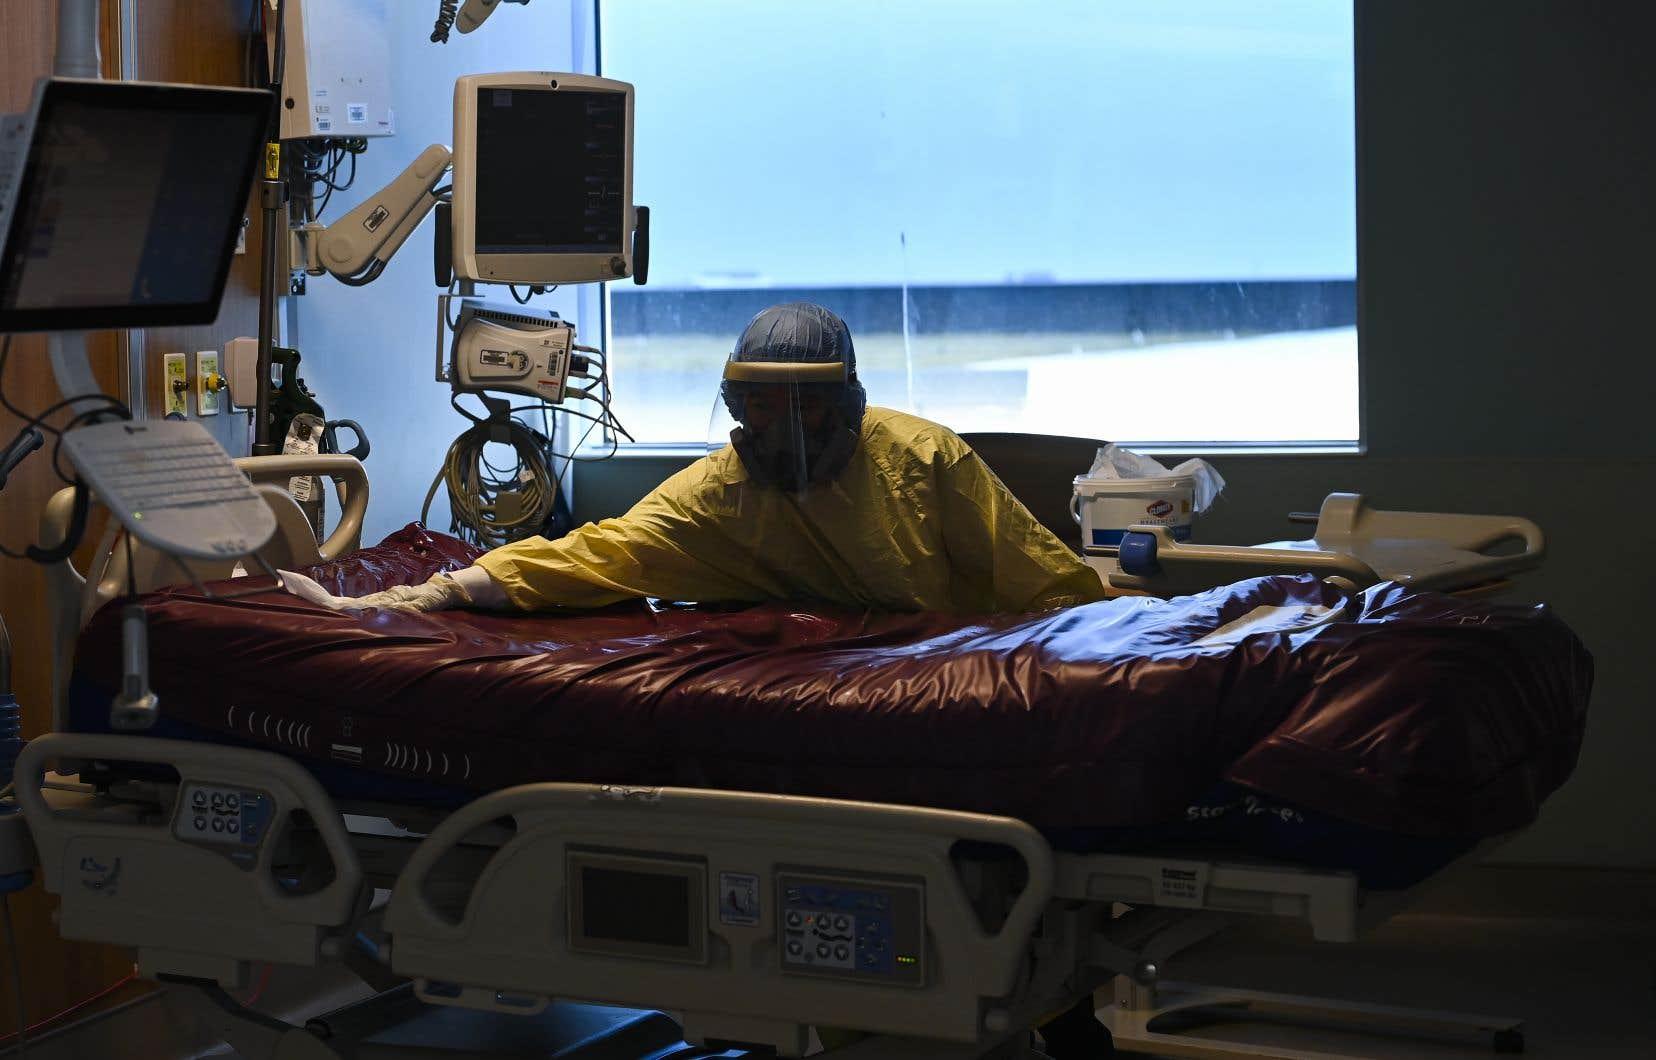 Sans surprise, ce sont les effets de la pandémie de COVID-19 qui ont eu un impact sur cette hausse significative du nombre de morts l'an dernier au pays.